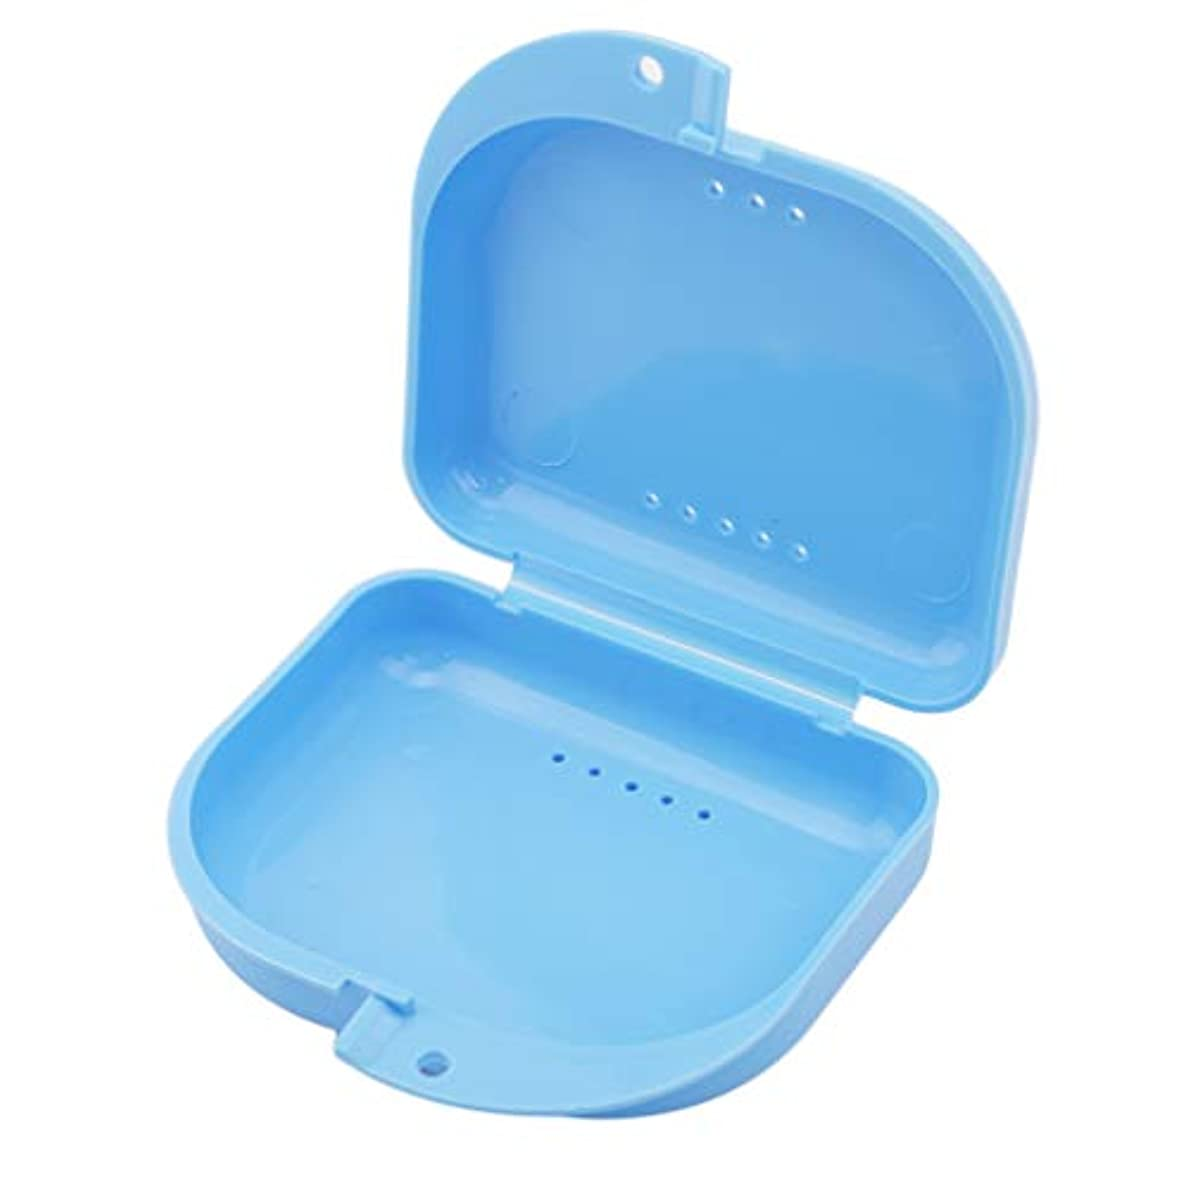 家正当な裏切るBEE&BLUE 義歯ケース 義歯収納 義歯ボックス 義歯収納ケース 入れ歯のポケット 義歯収納容器 ミニ